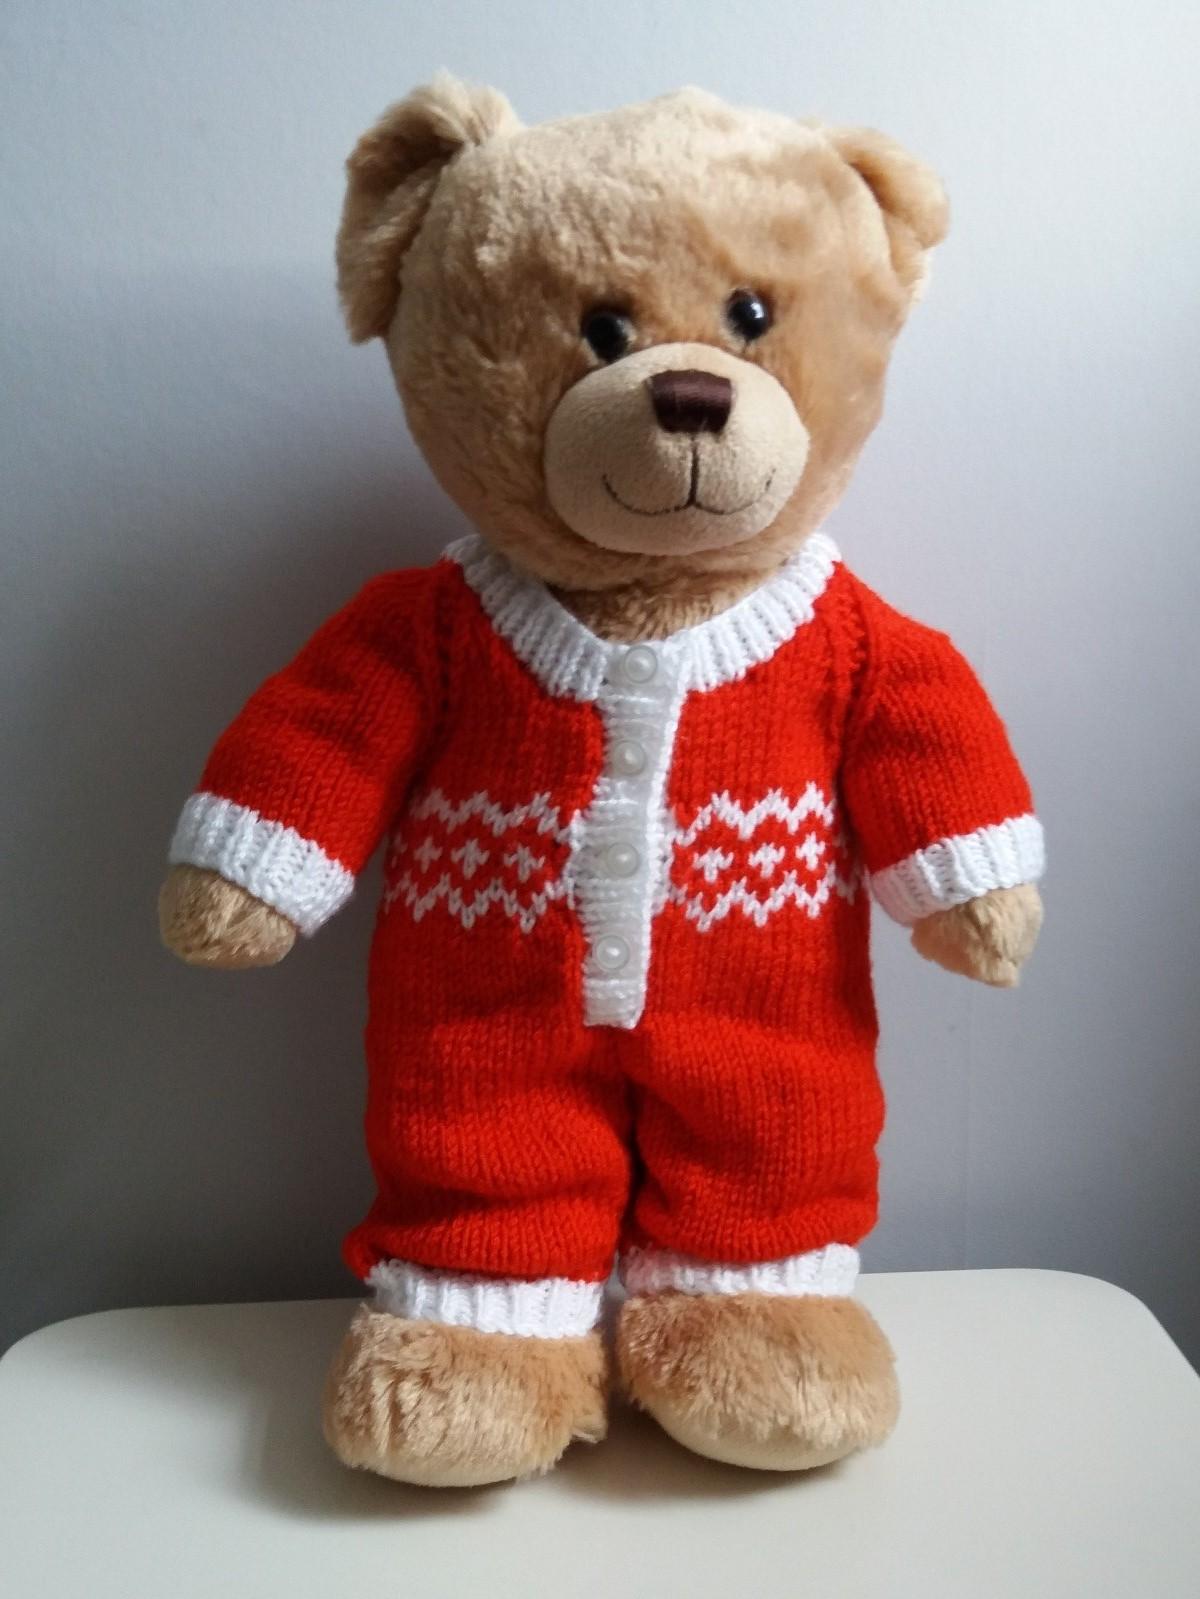 Free Artwork Teddy Bear Sitting 1 |Teddy Bear Template